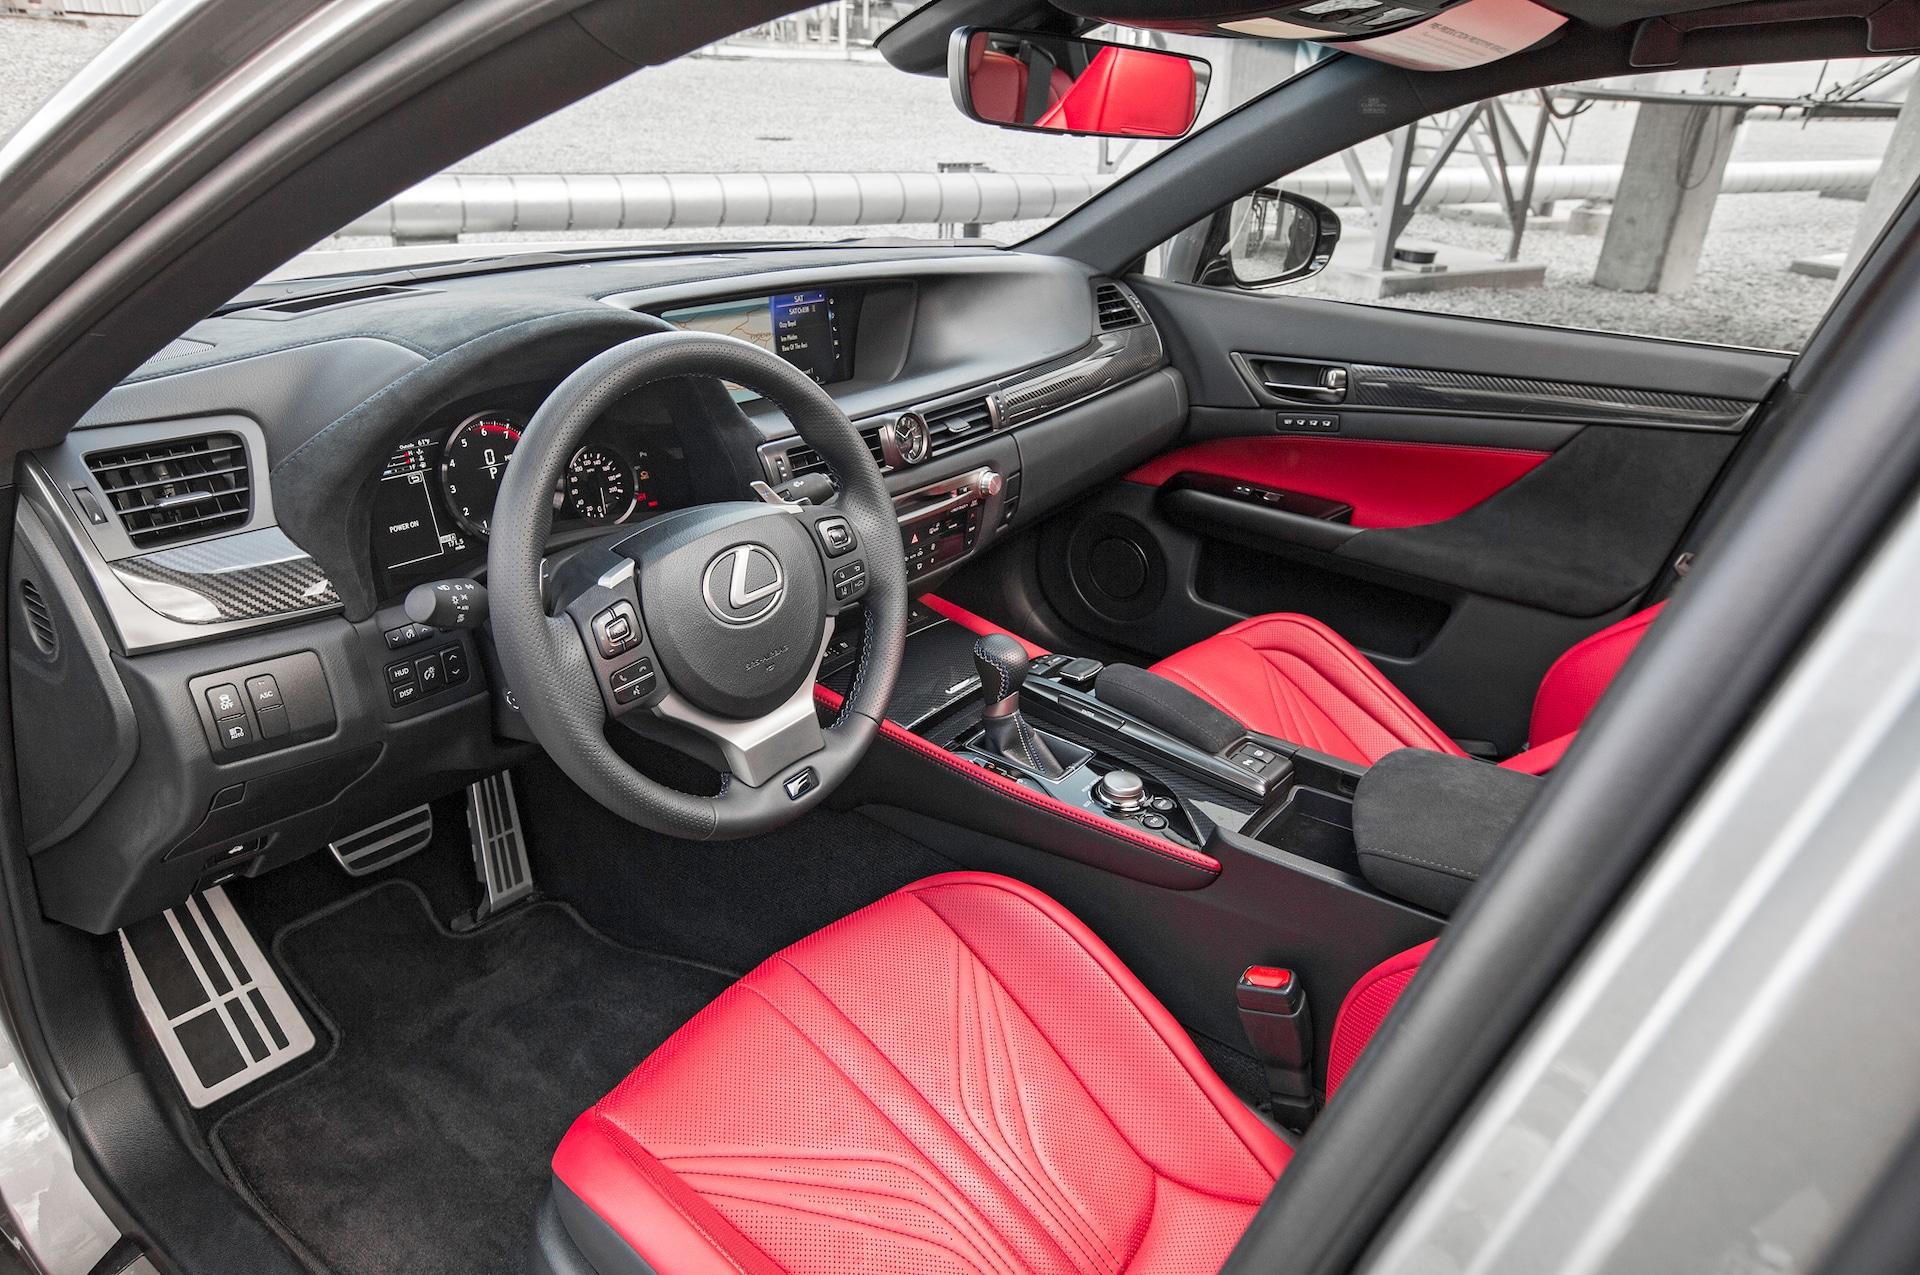 2016 Lexus GS F front interior seat 02